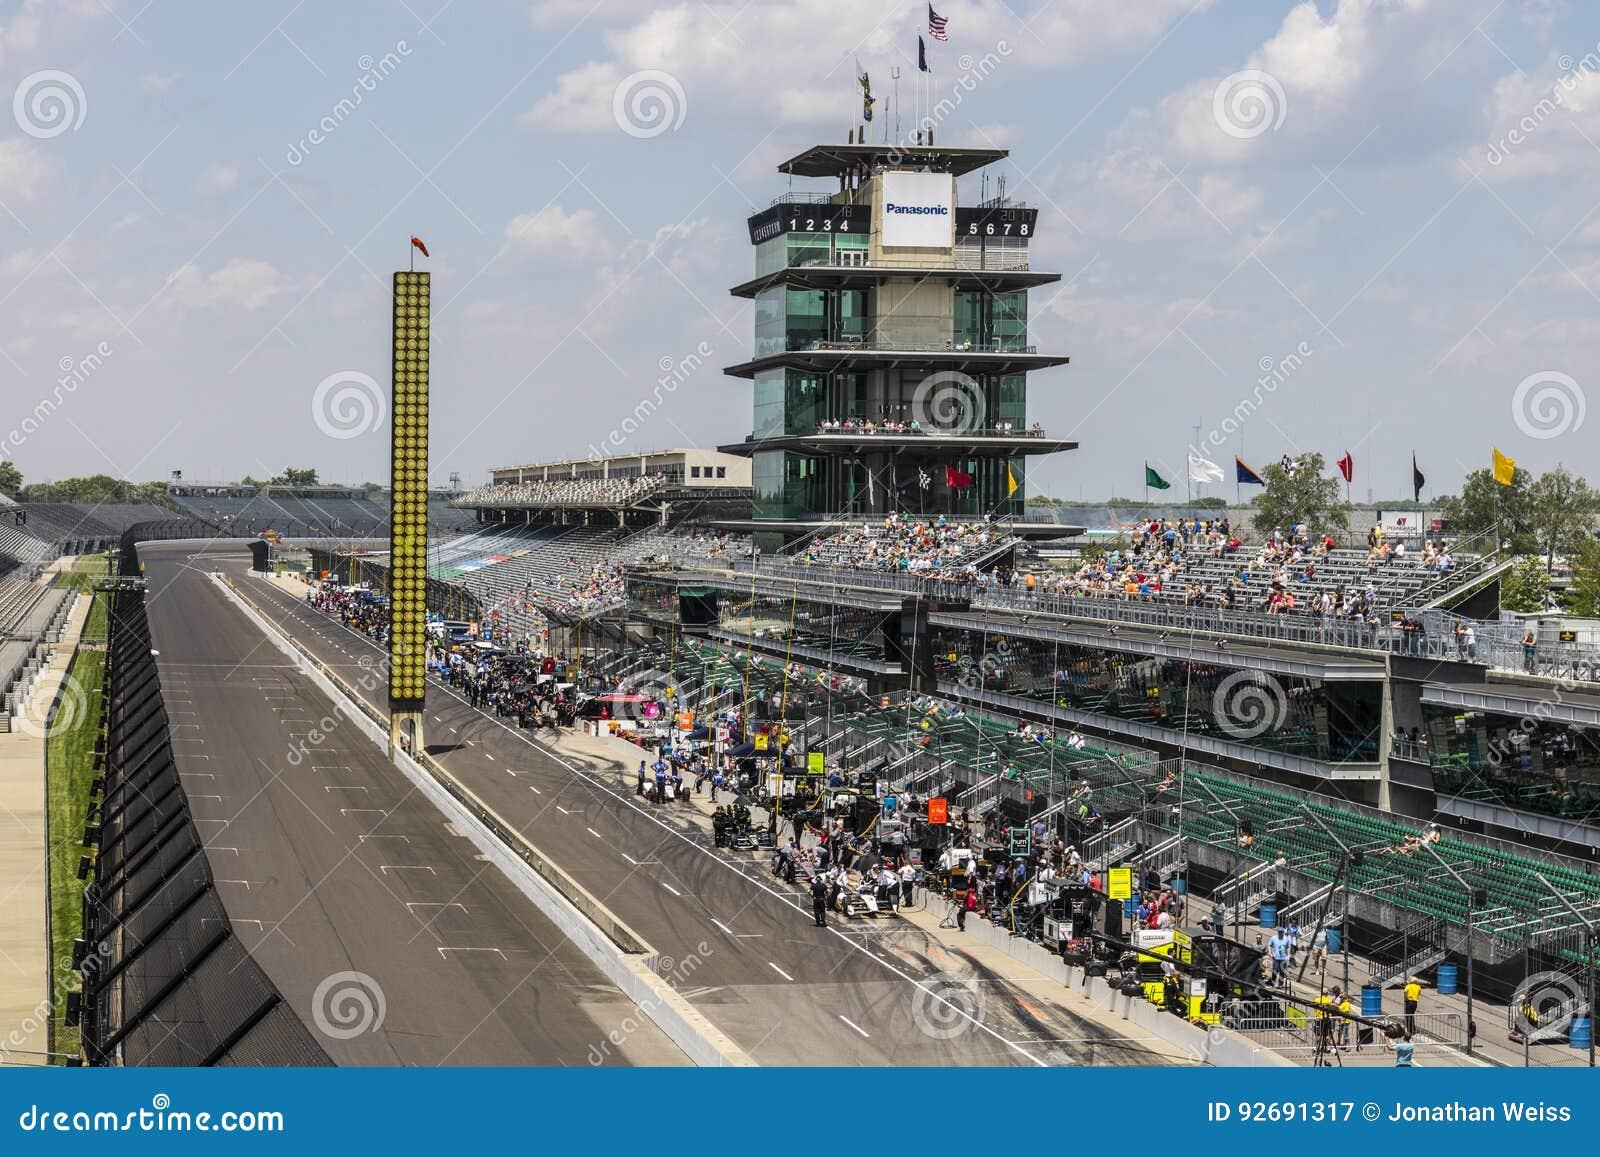 Indianapolis - circa mayo de 2017: La pagoda de Panasonic en Indianapolis Motor Speedway El IMS prepara para del Indy 500 IV